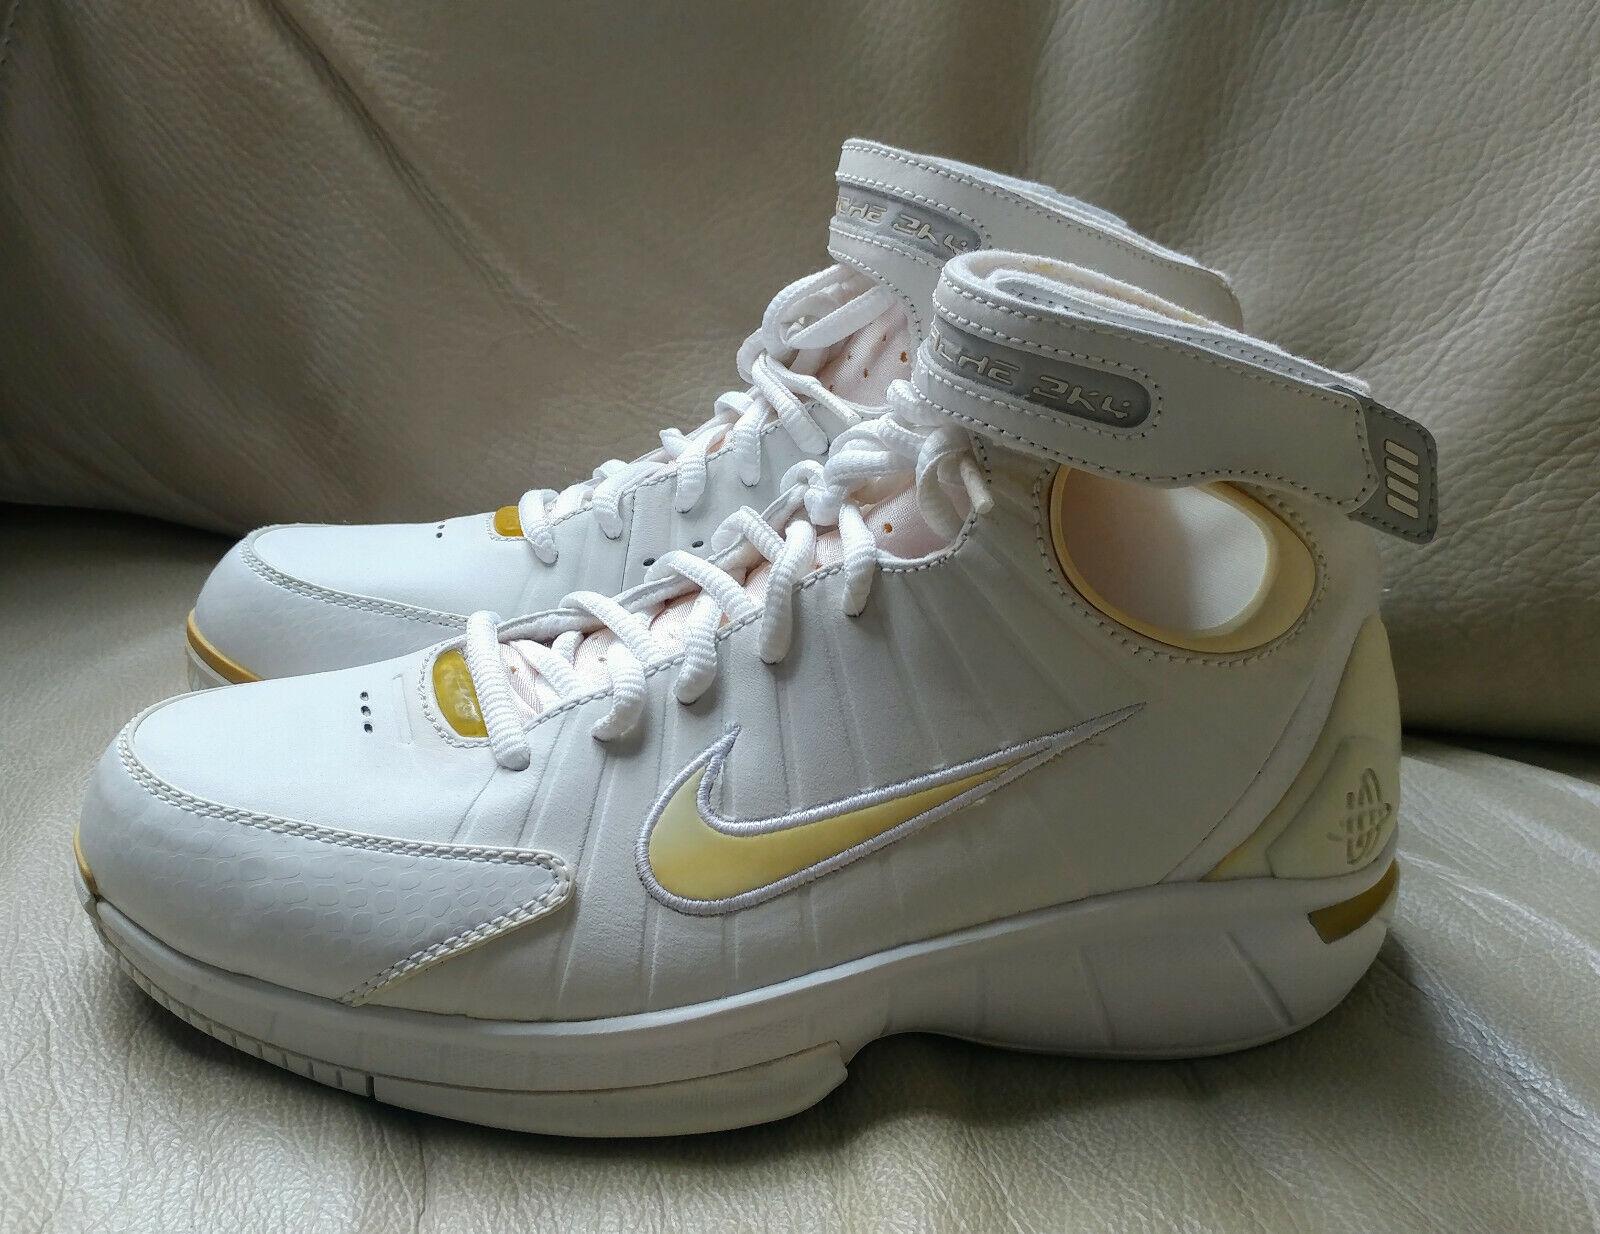 afd060b7e0db NIKE NikeLab ZOOM FLY SP NYC BLACK WHITE OREO AA5088 001 US MENS SZ 4.5  RARE SZ